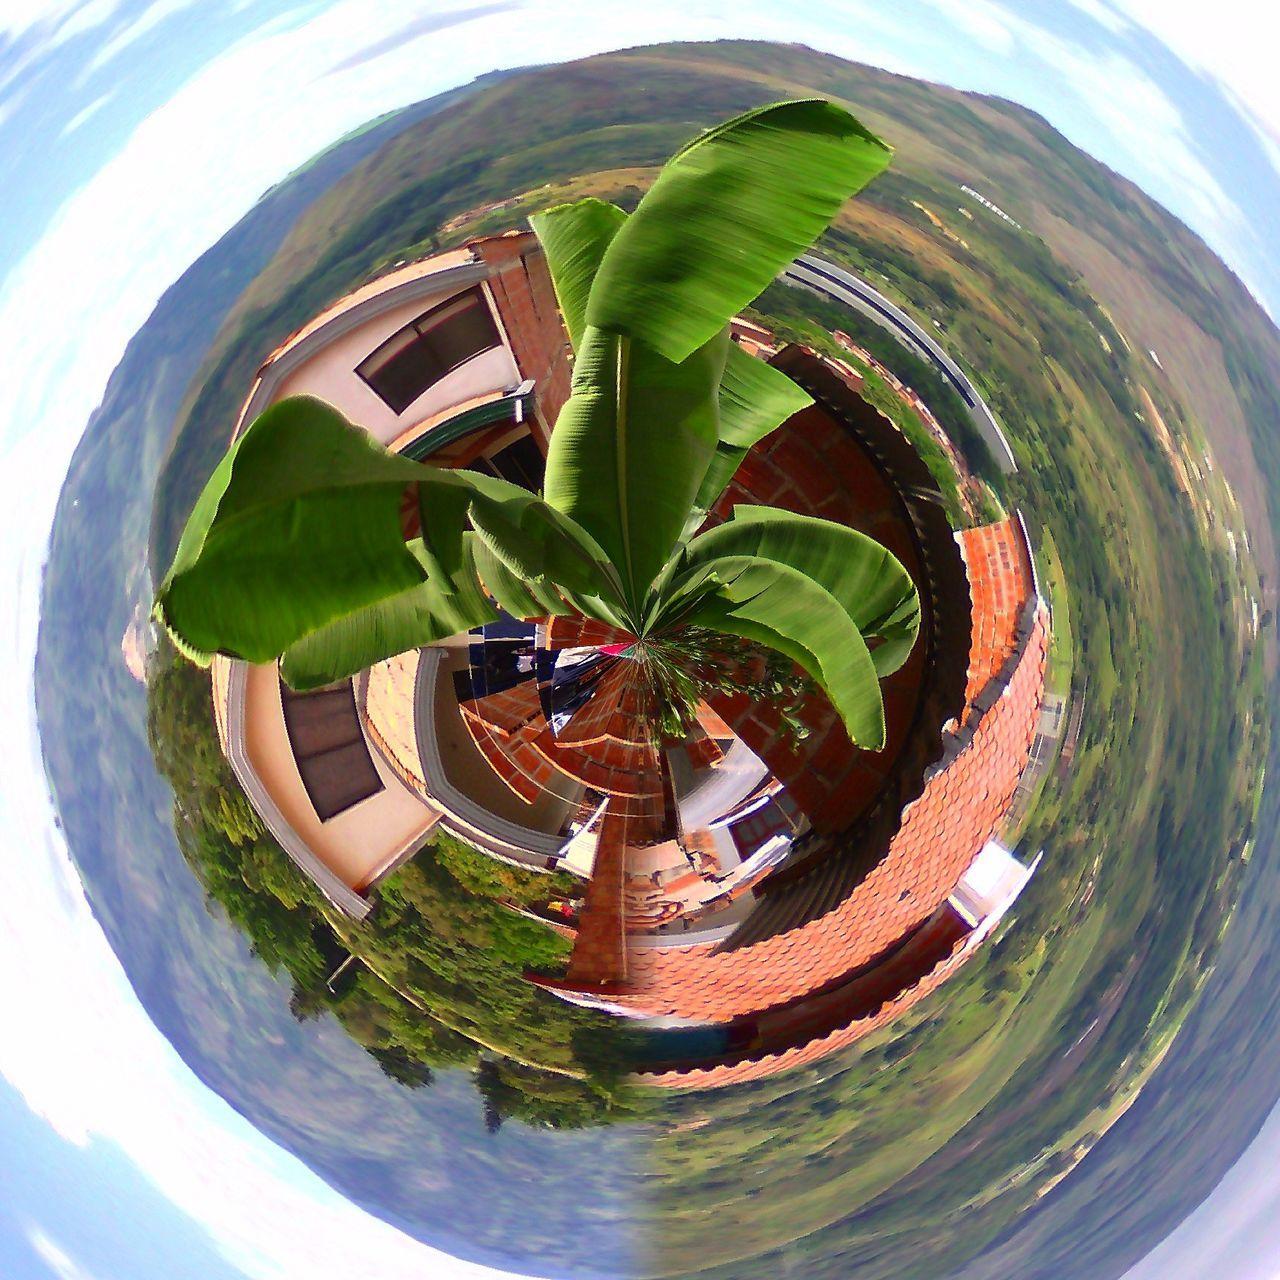 The EyeEm Facebook Cover Challenge esta es mi manera de hacer panorámicas LittlePlanet Celugrafias Eye For Photography